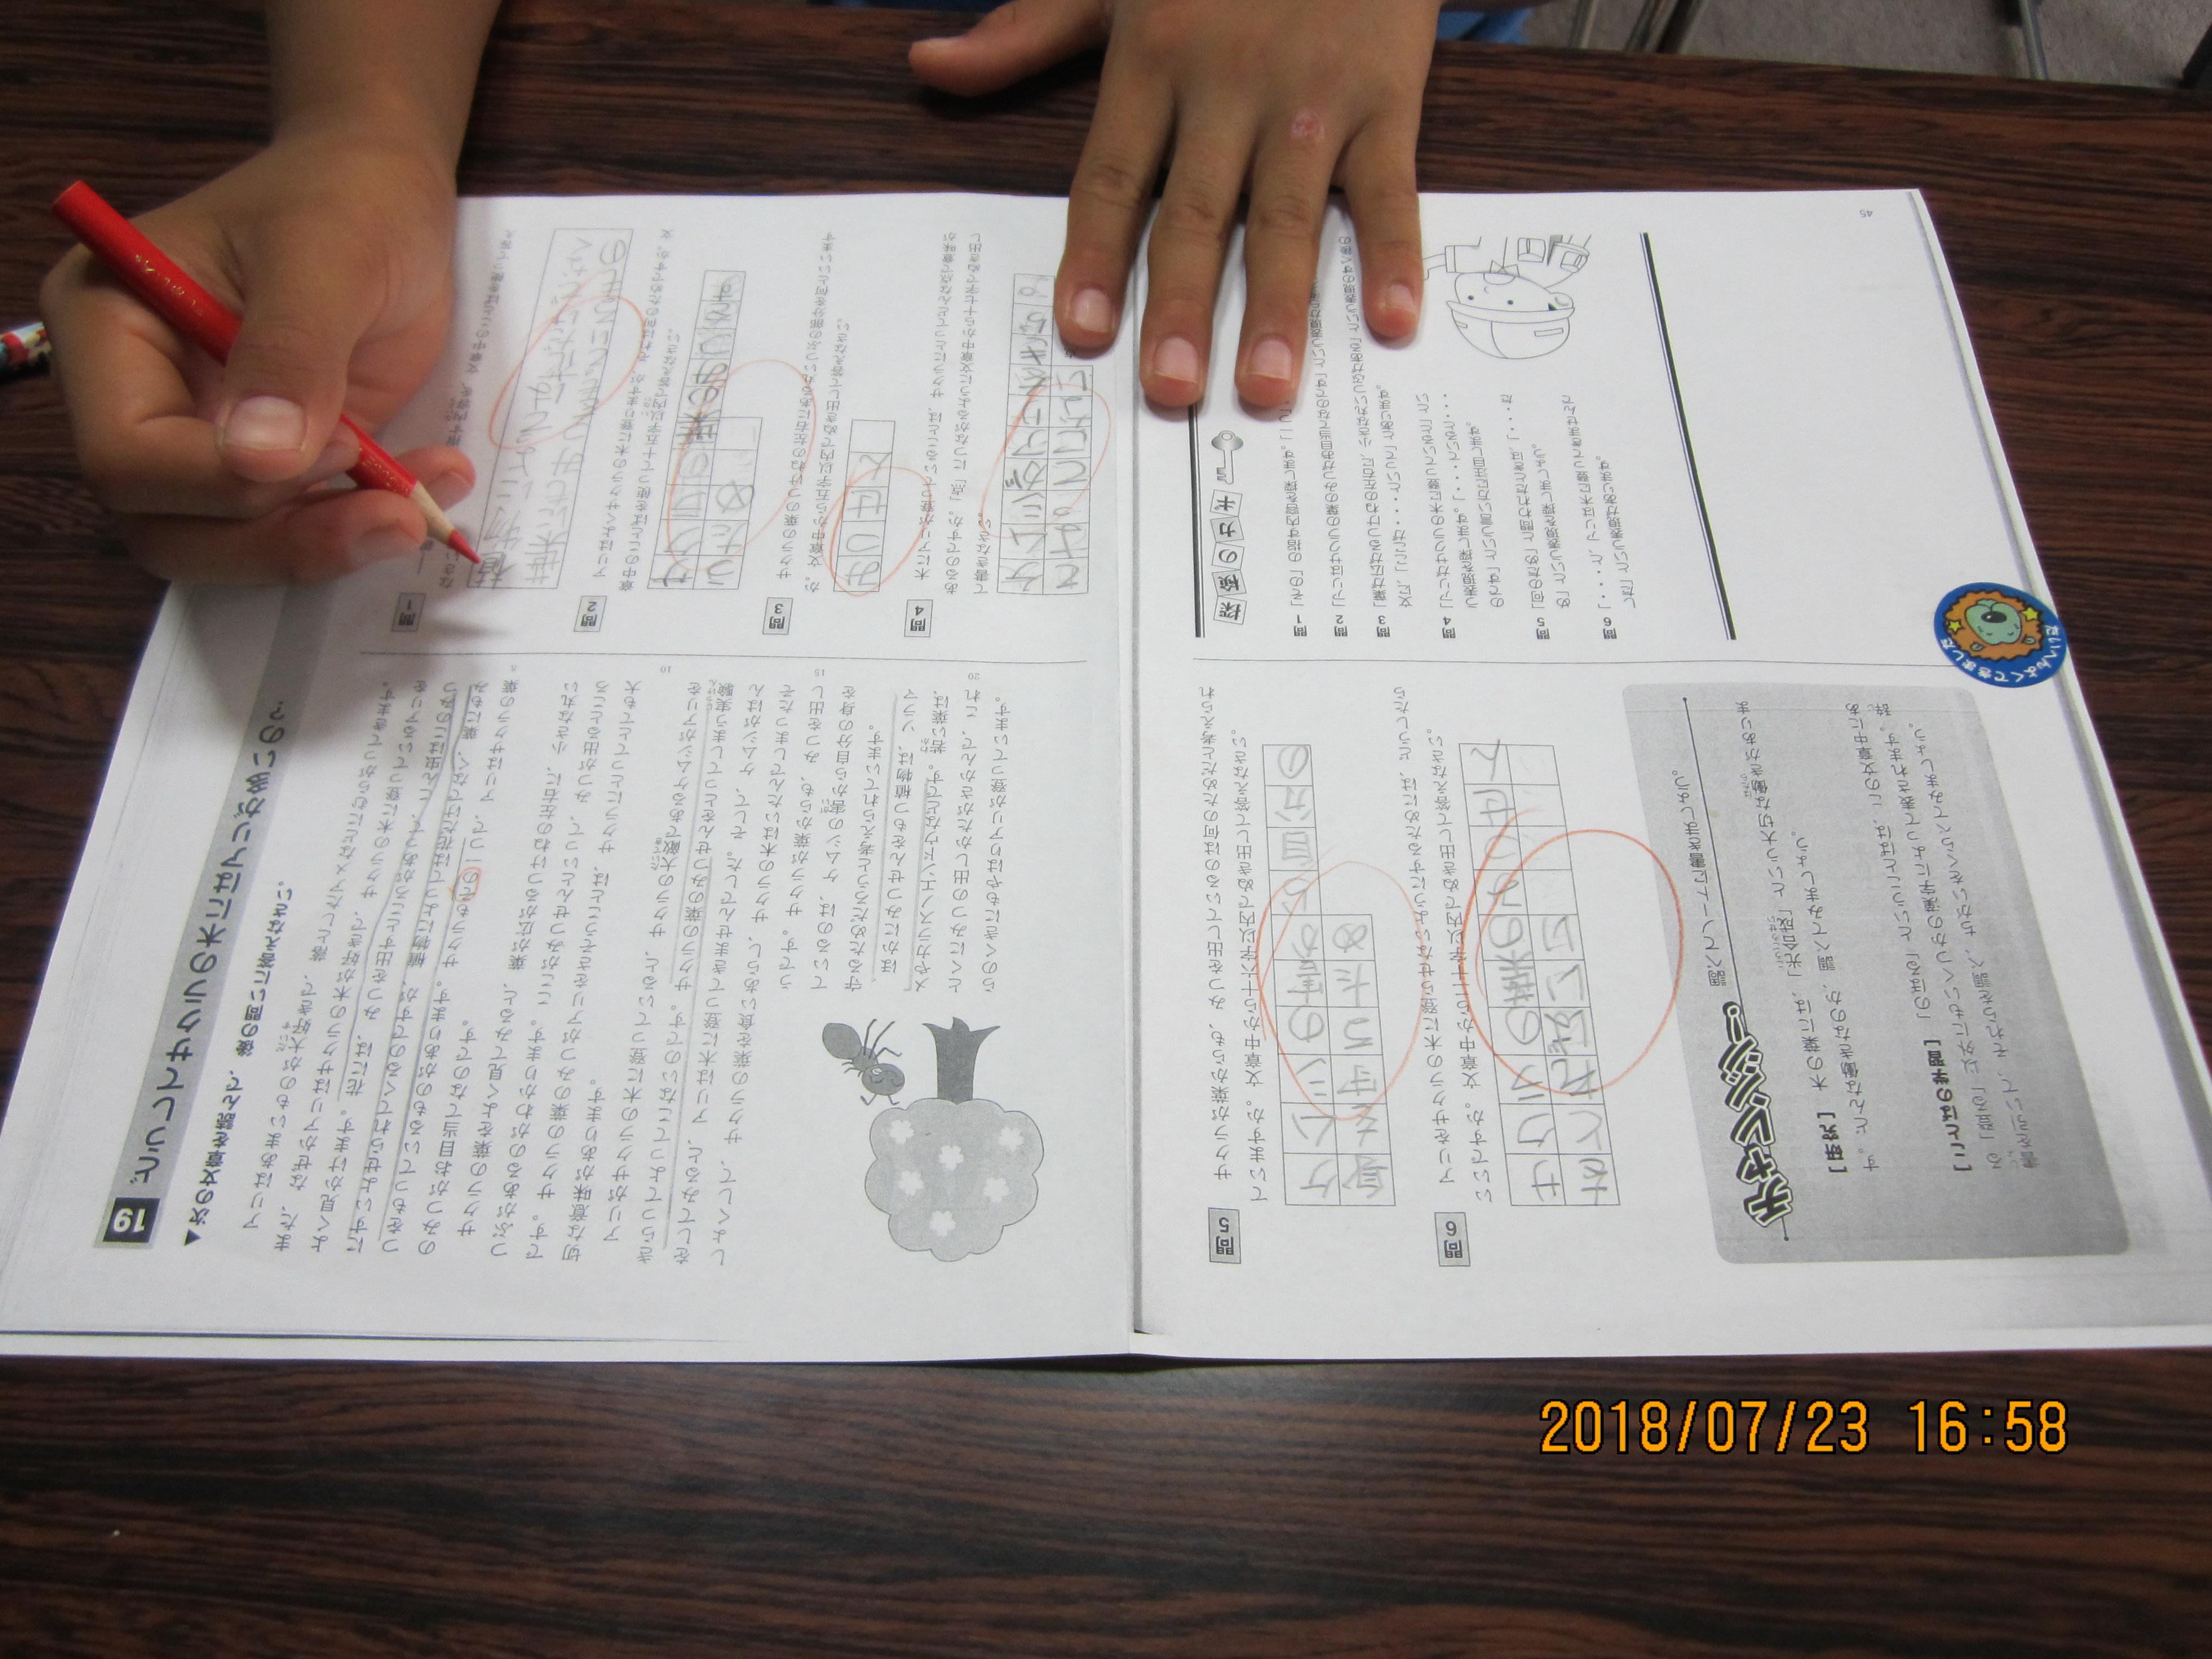 小学校五年生 Sくん 国語読解問題 全問正解 学習塾凛